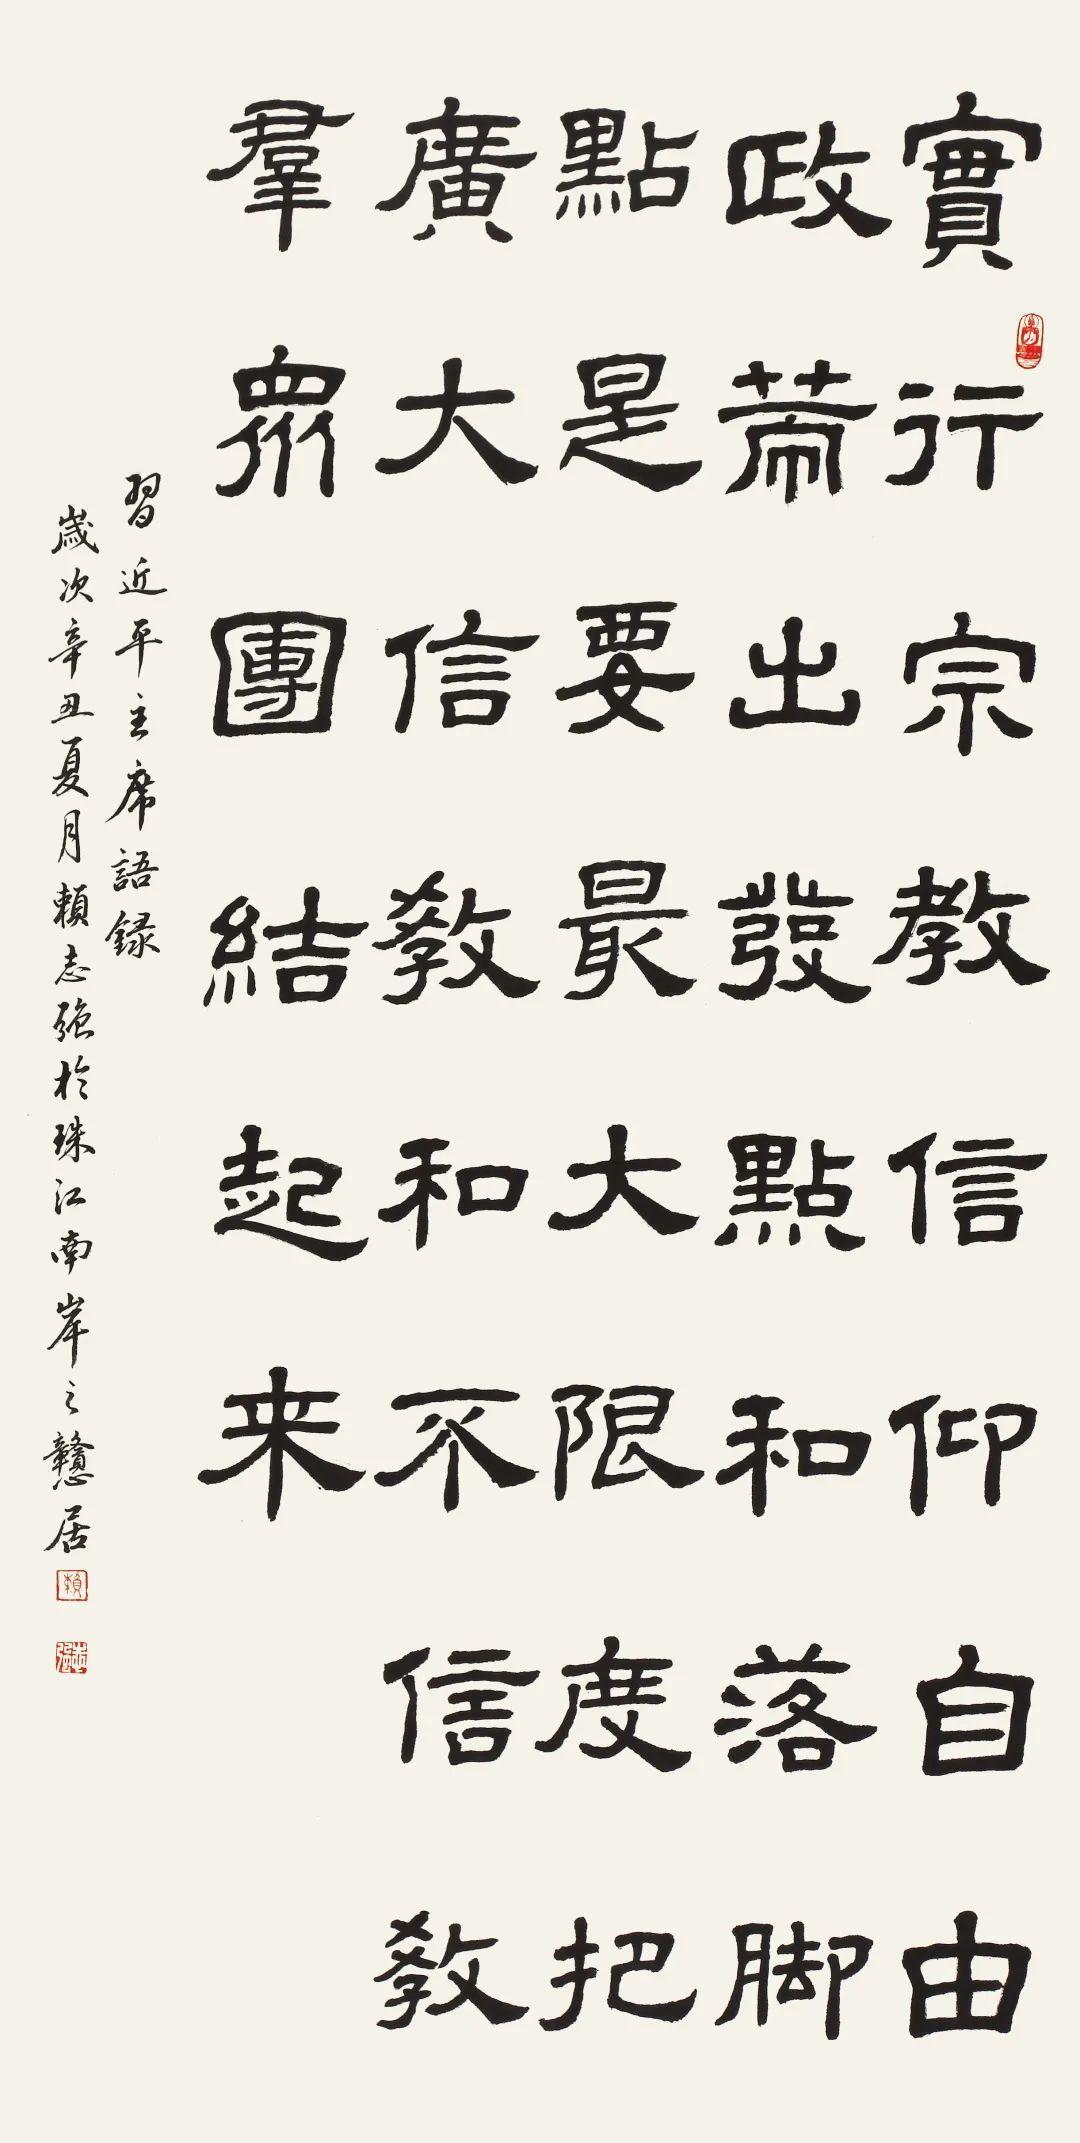 广东省书法家协会会员、广州羊城书法研究会会员赖志强